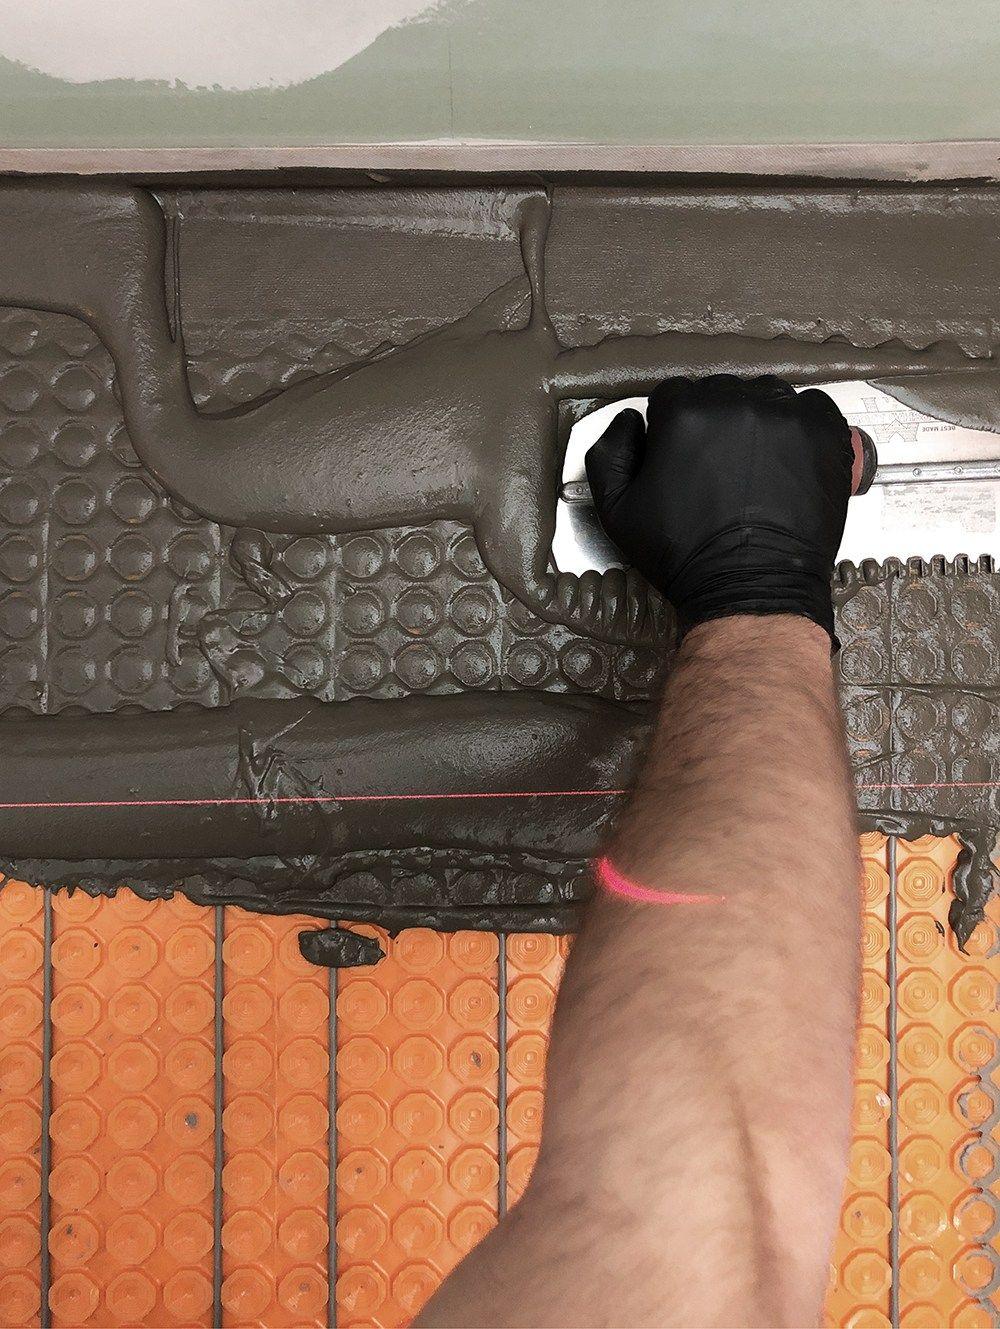 DIY Heated Floor Tile Tutorial in 2020 | Heated floors ...